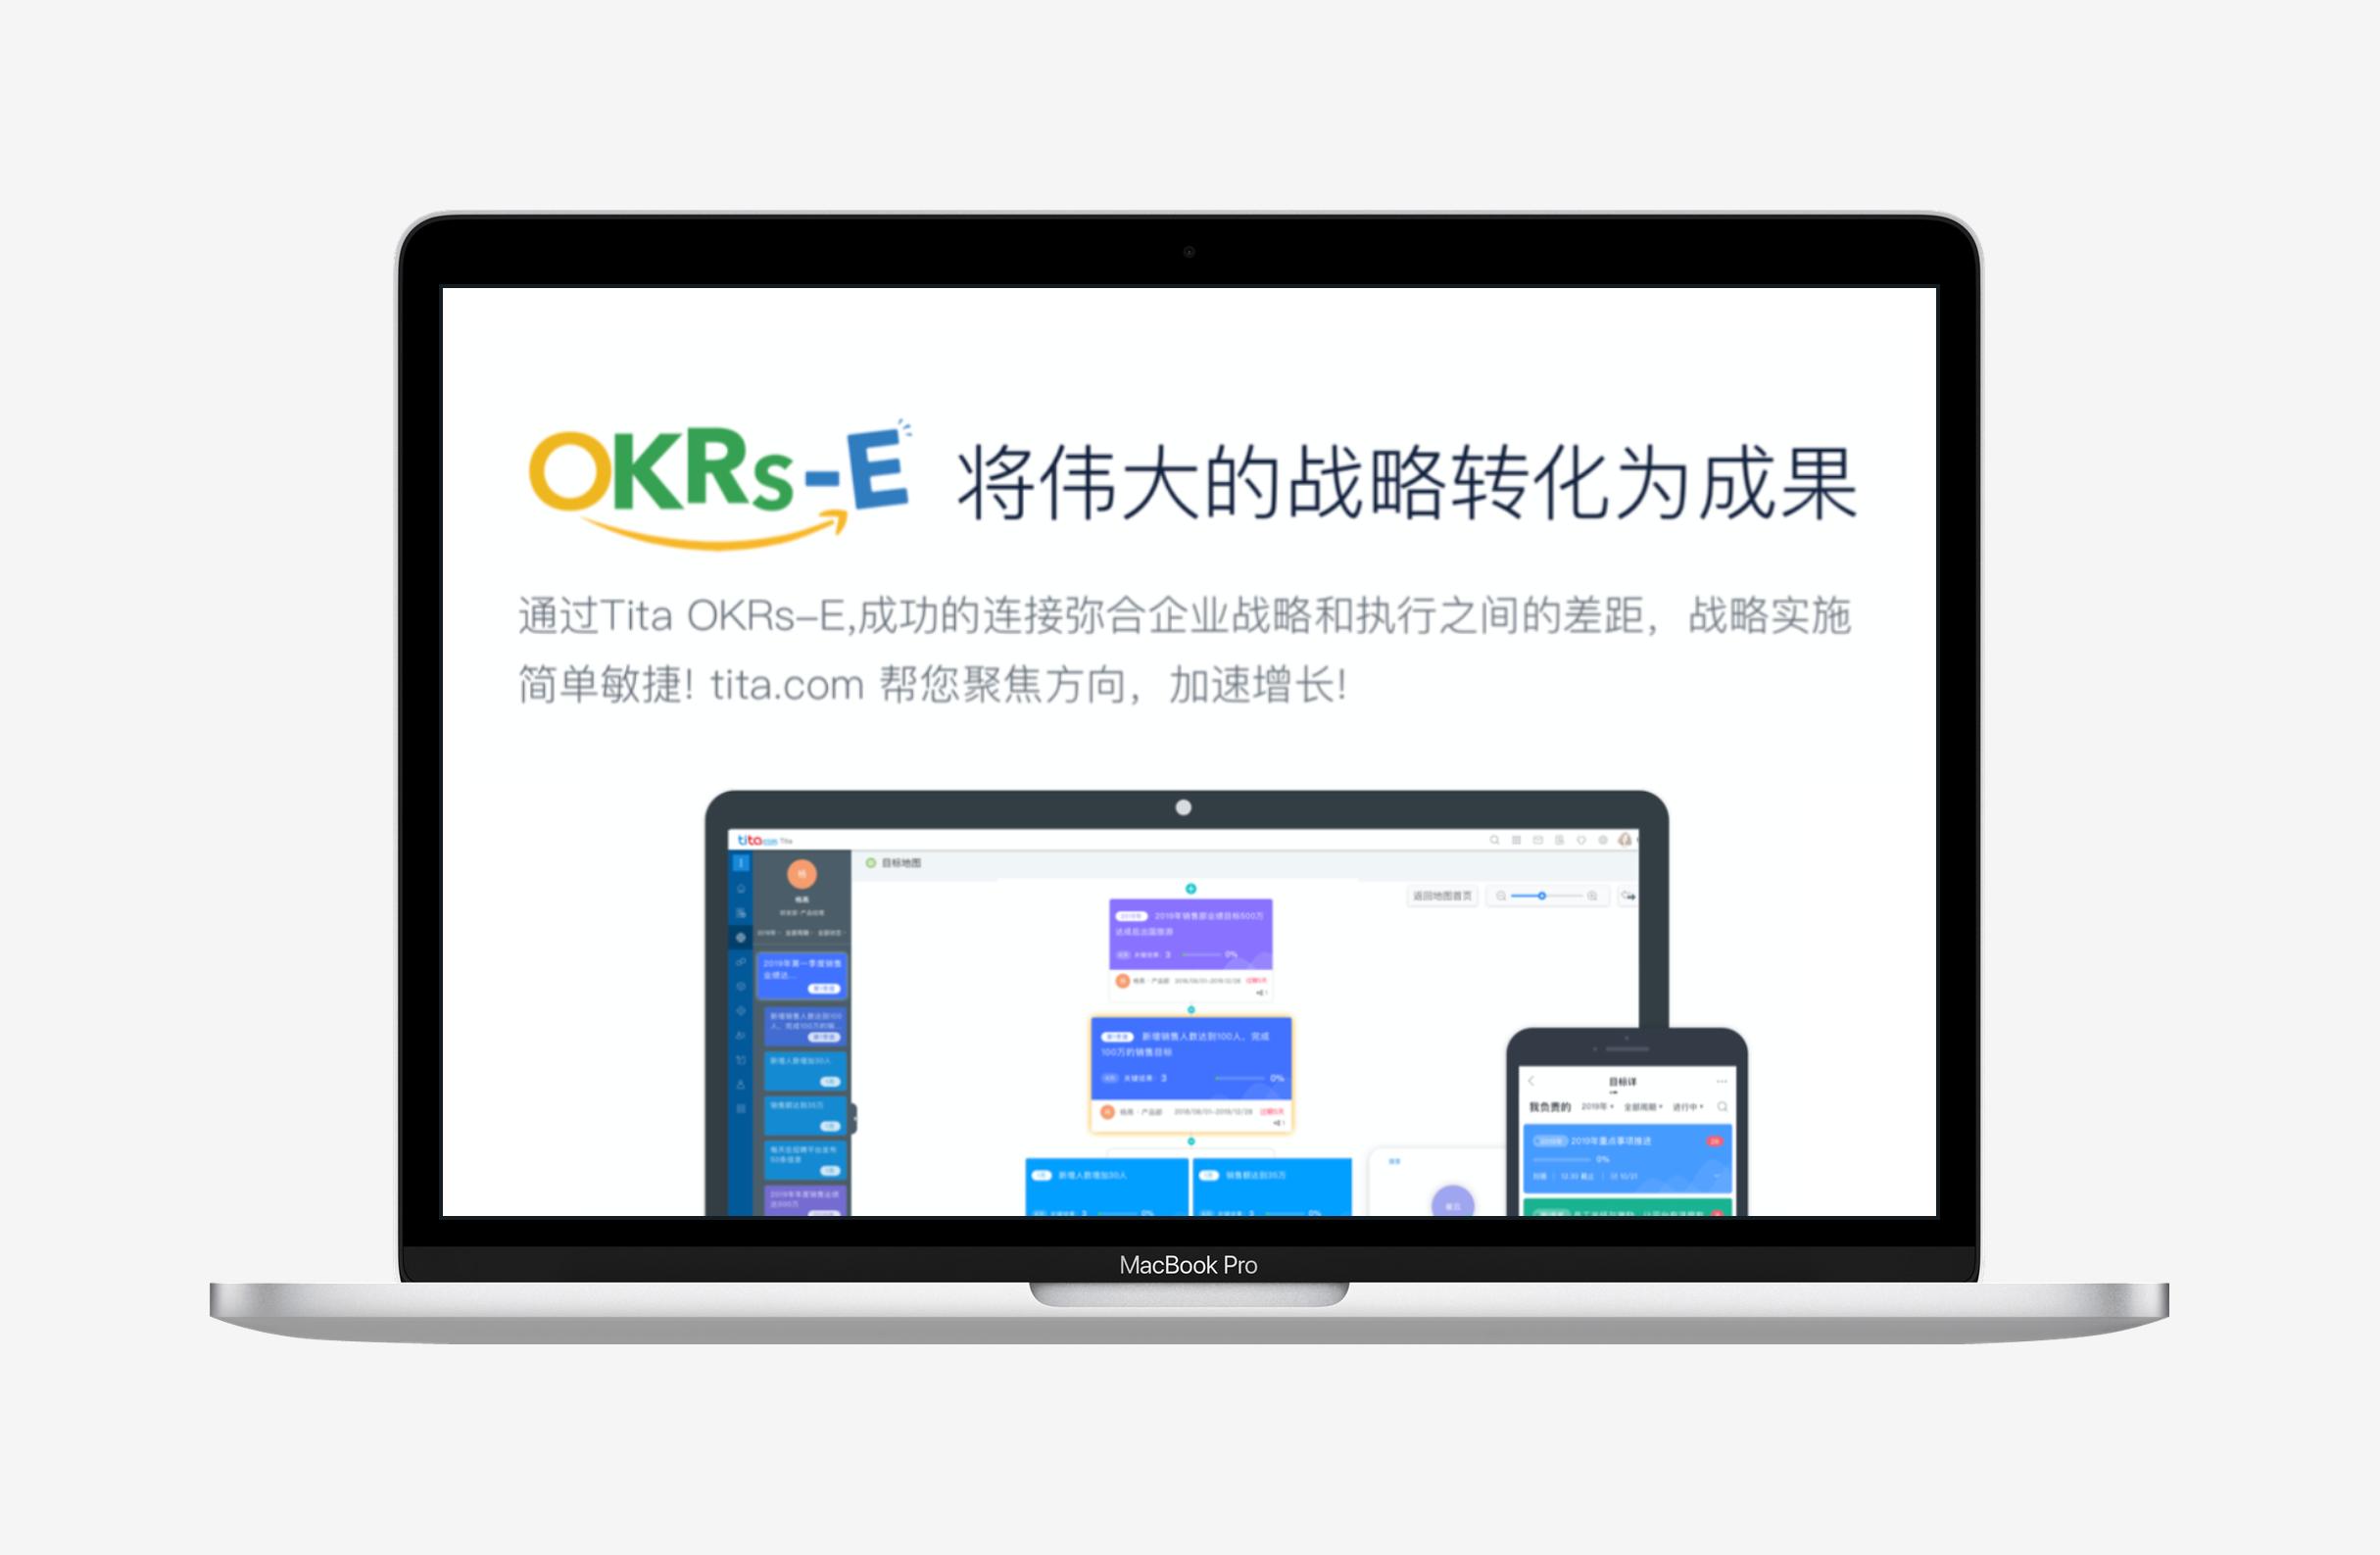 《OKRs-E目标管理框架》上手指南